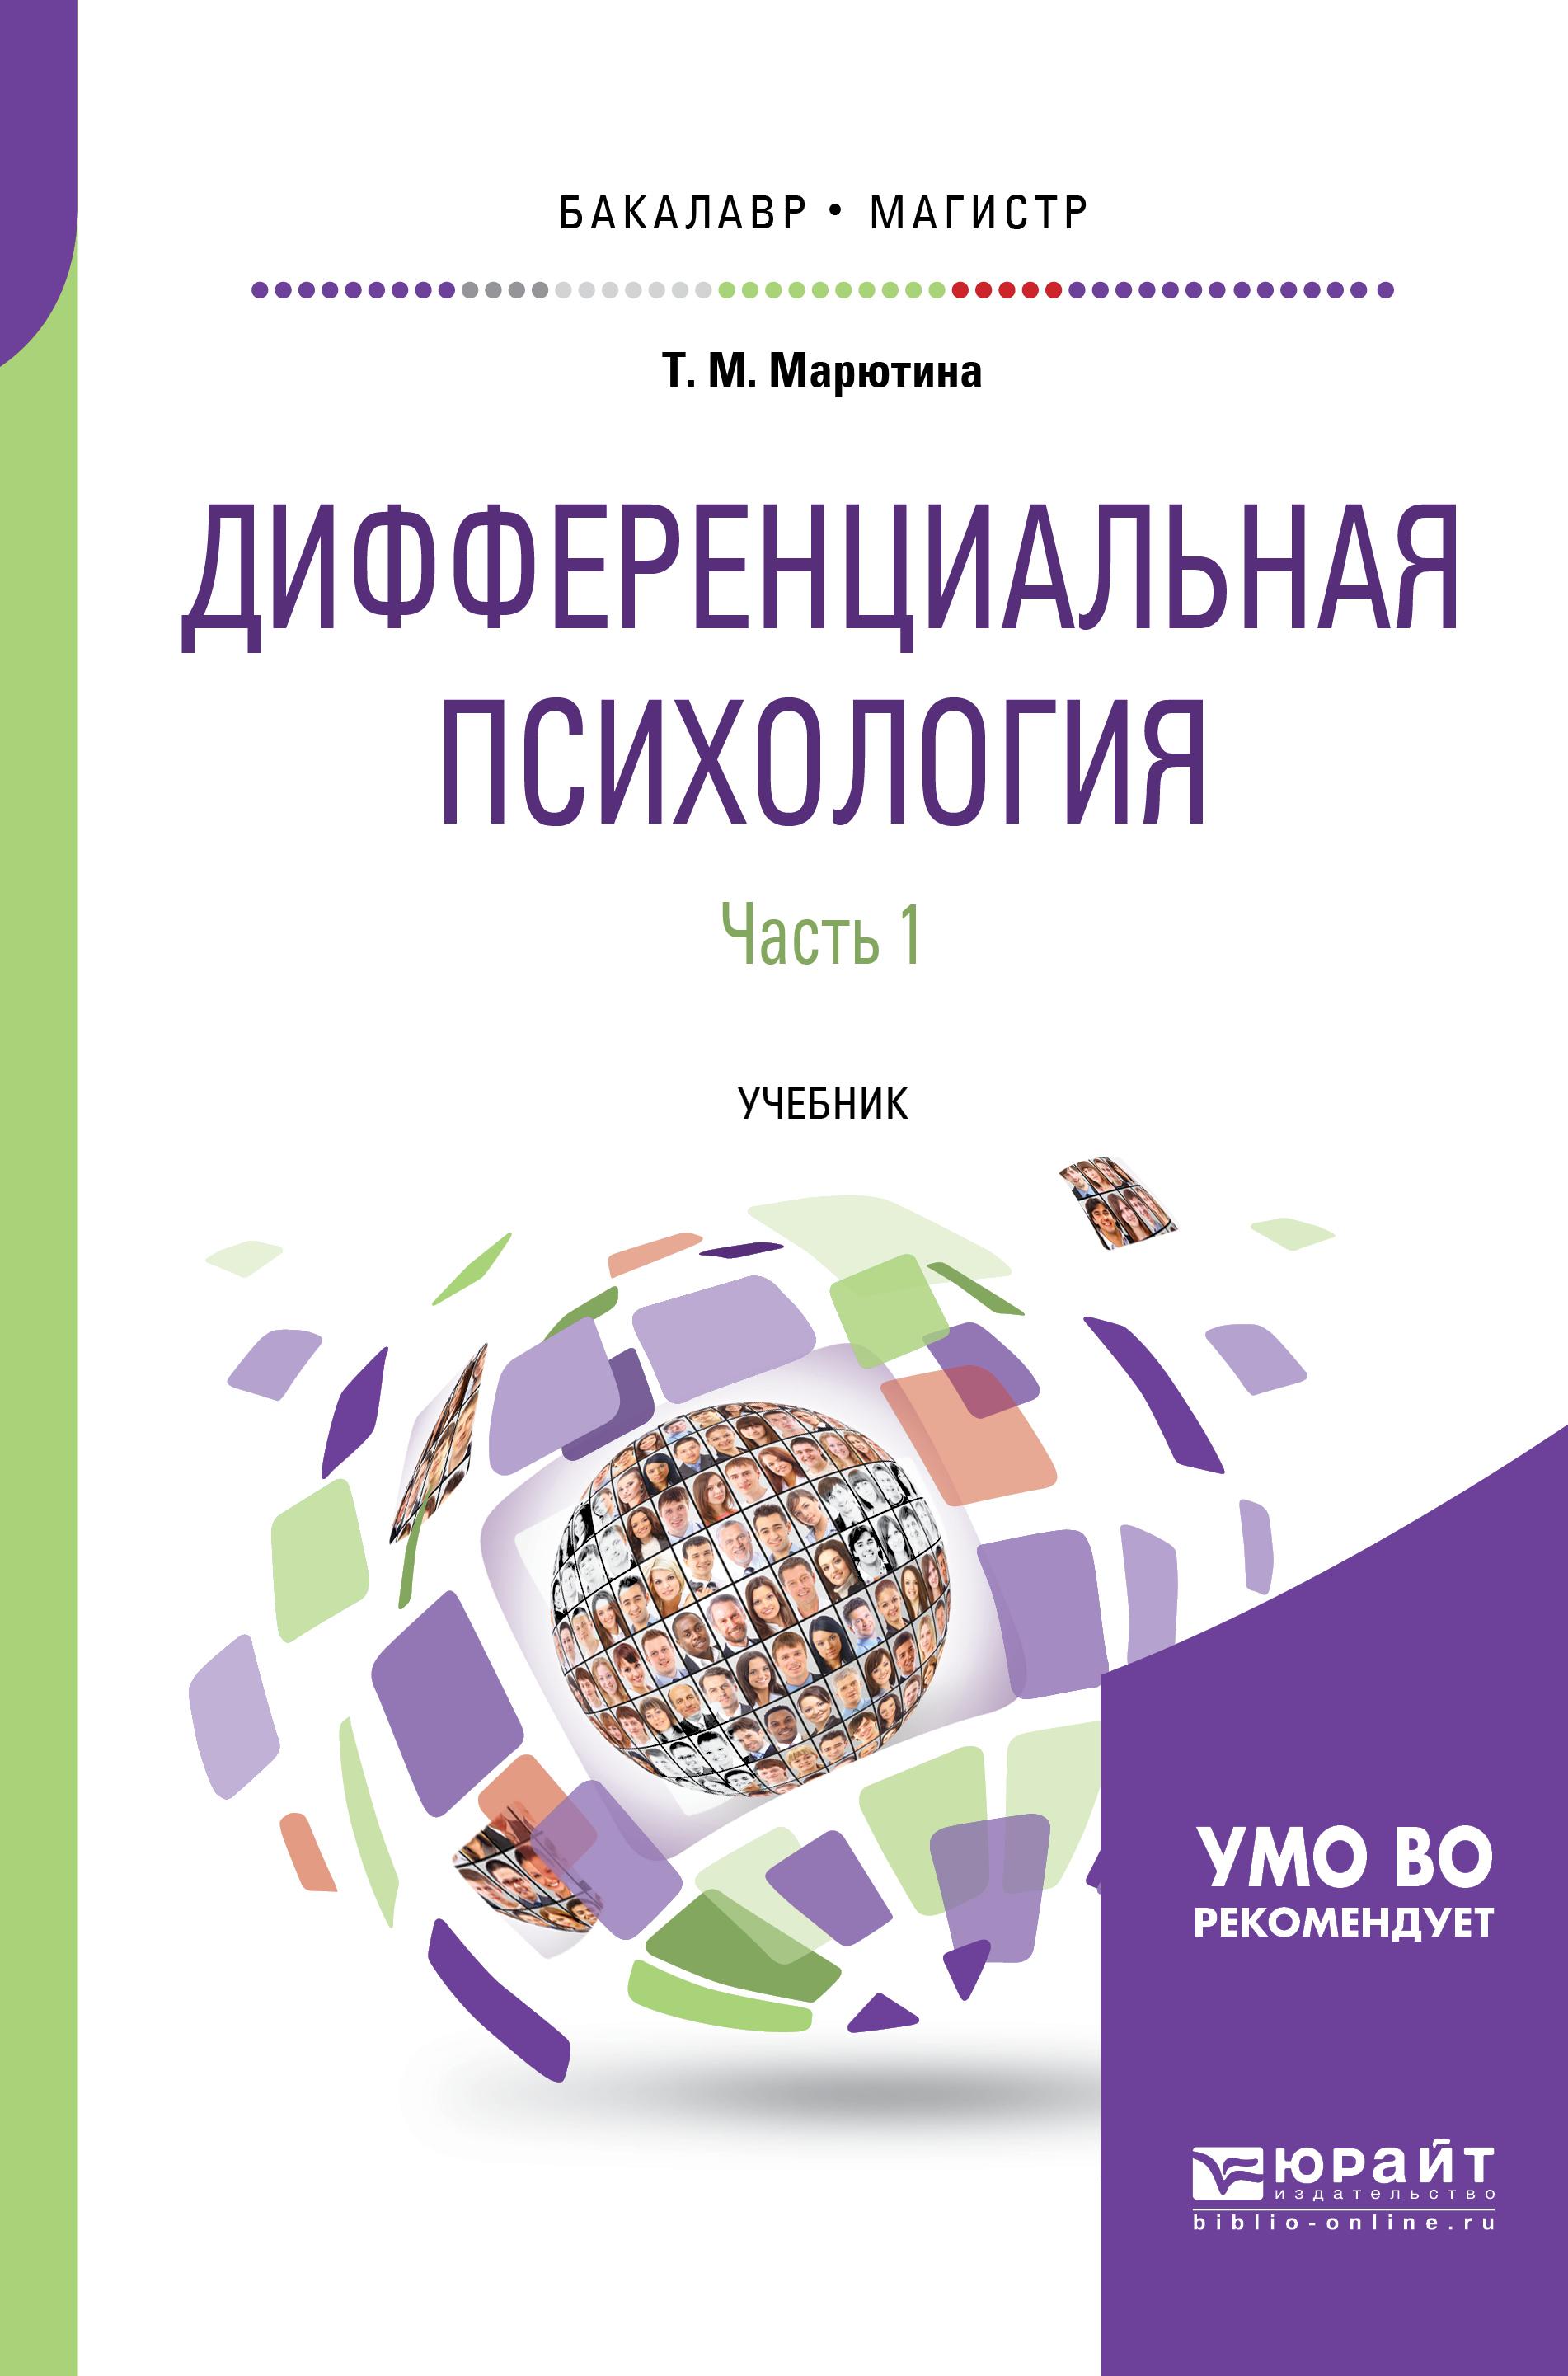 Дифференциальная психология в 2 ч. Часть 1. Учебник для бакалавриата и магистратуры